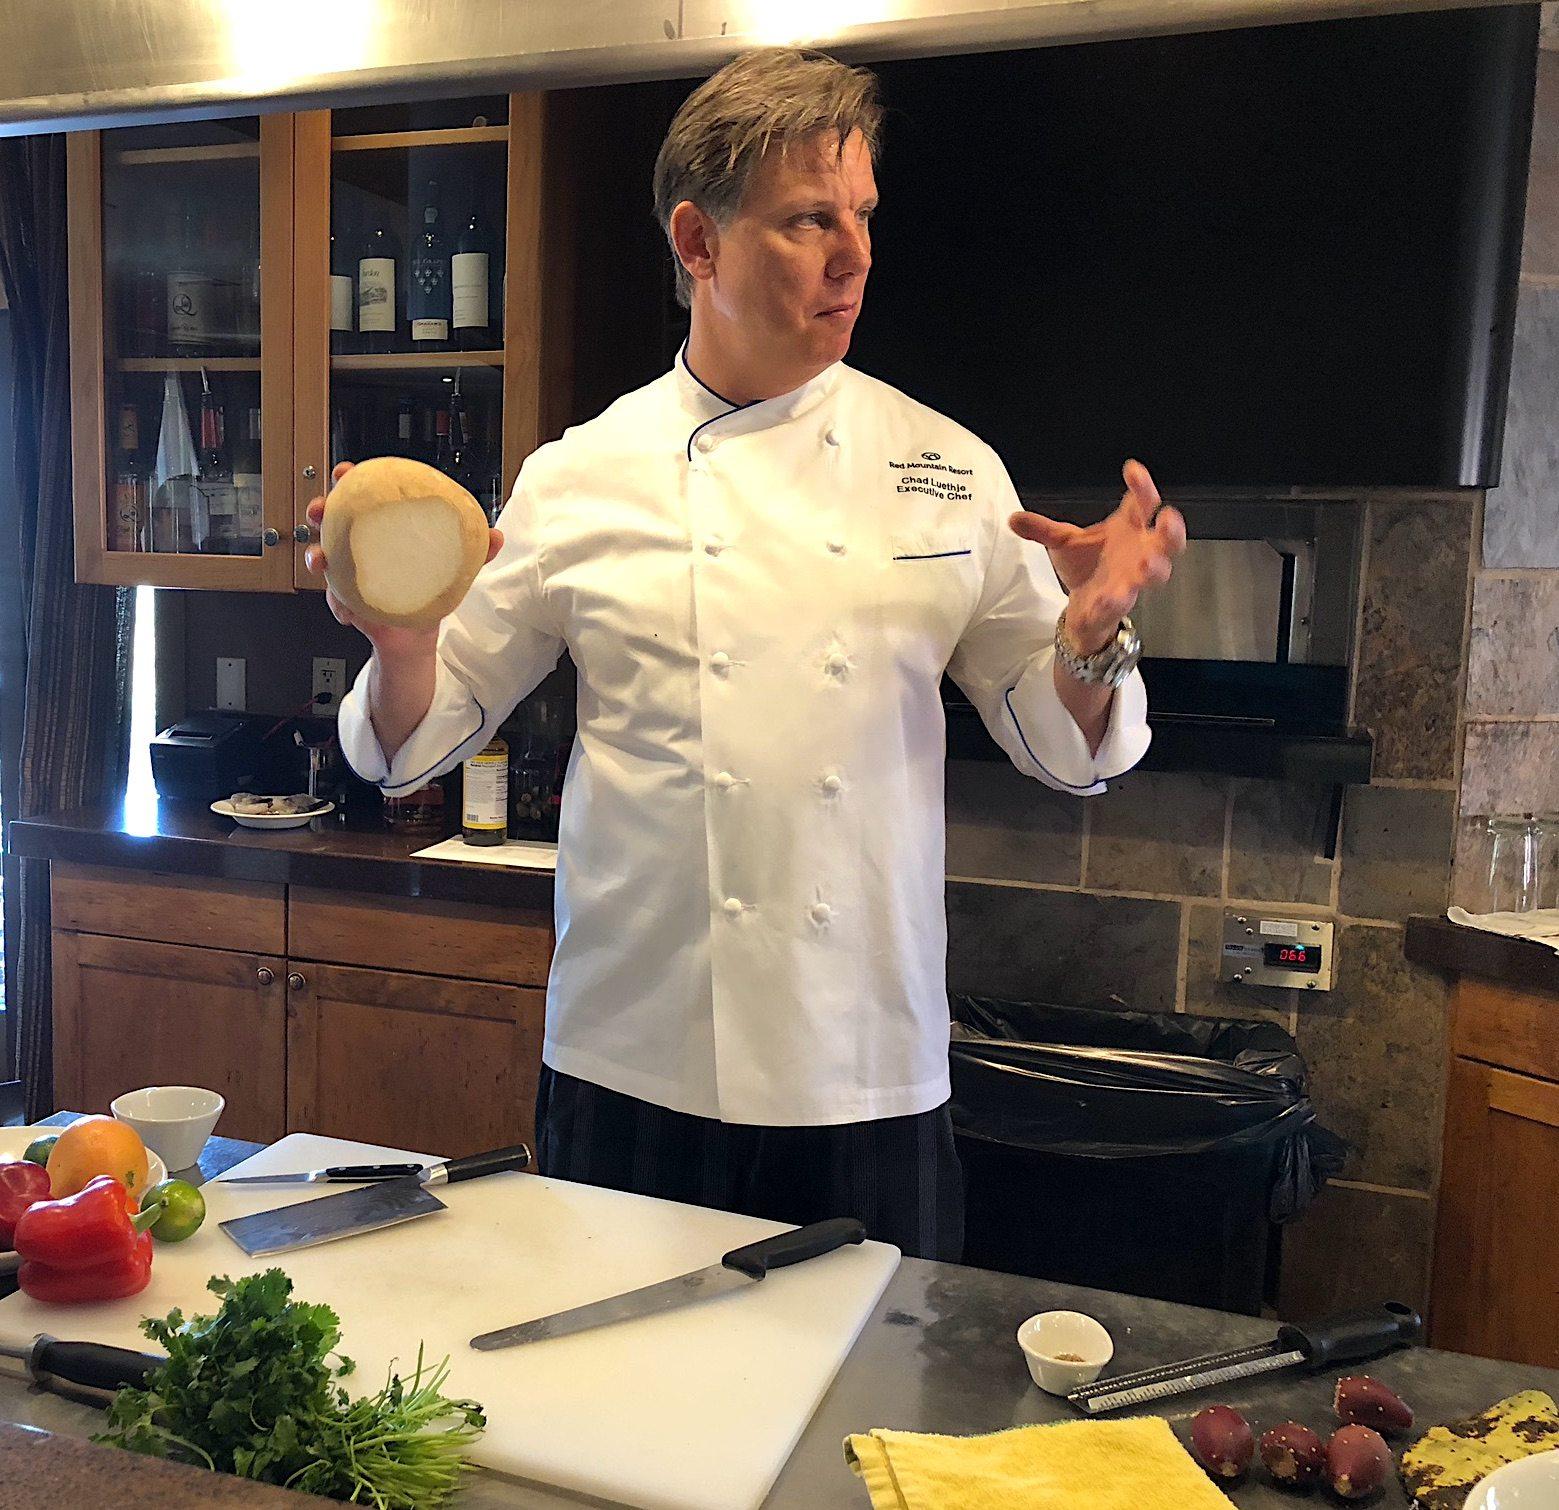 Chef Chad demo